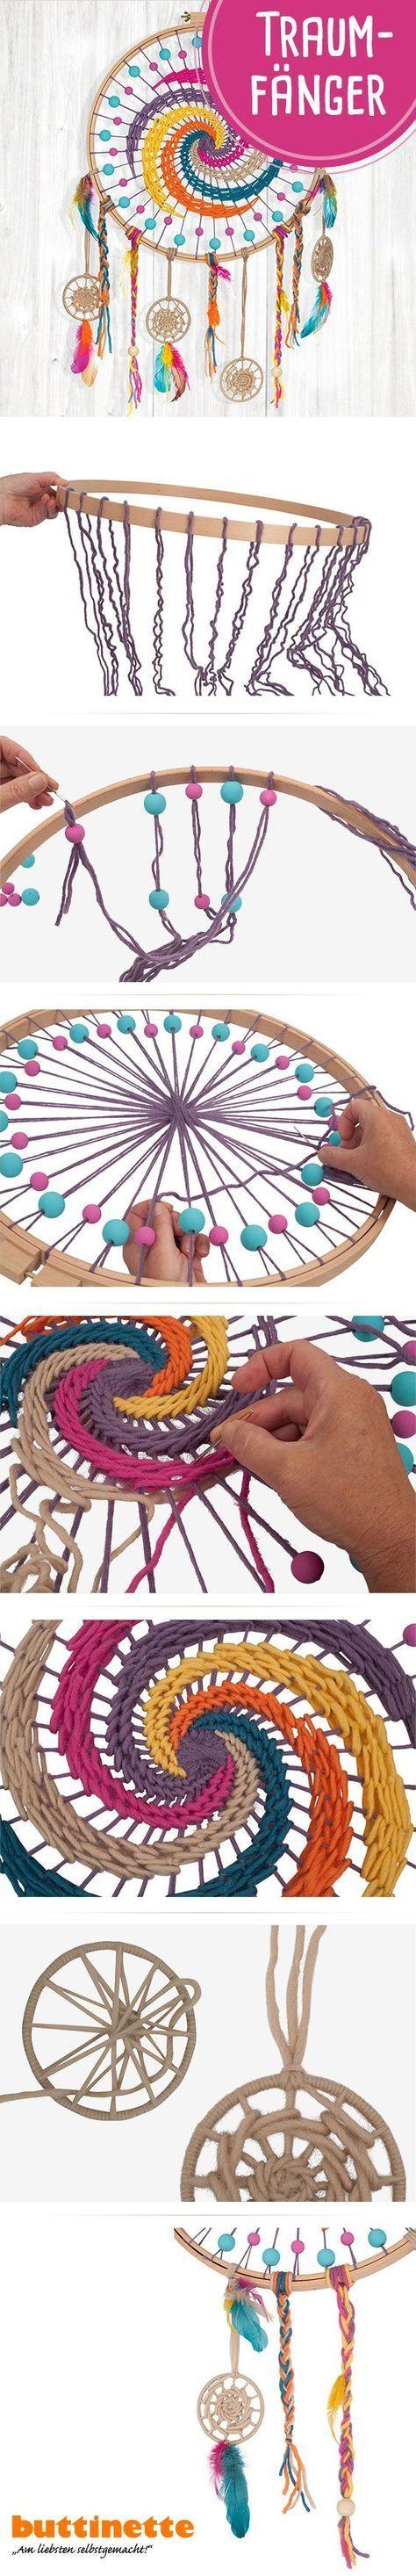 Bastelt Euch einen Traumfänger in wunderschönen Boho-Farben. #Traumfänger #Dreamcatcher #selbermachen #DIY #buttinette #Anleitung #Wolle #Garne #Federn #Tutorial #Boho #Bohostyle